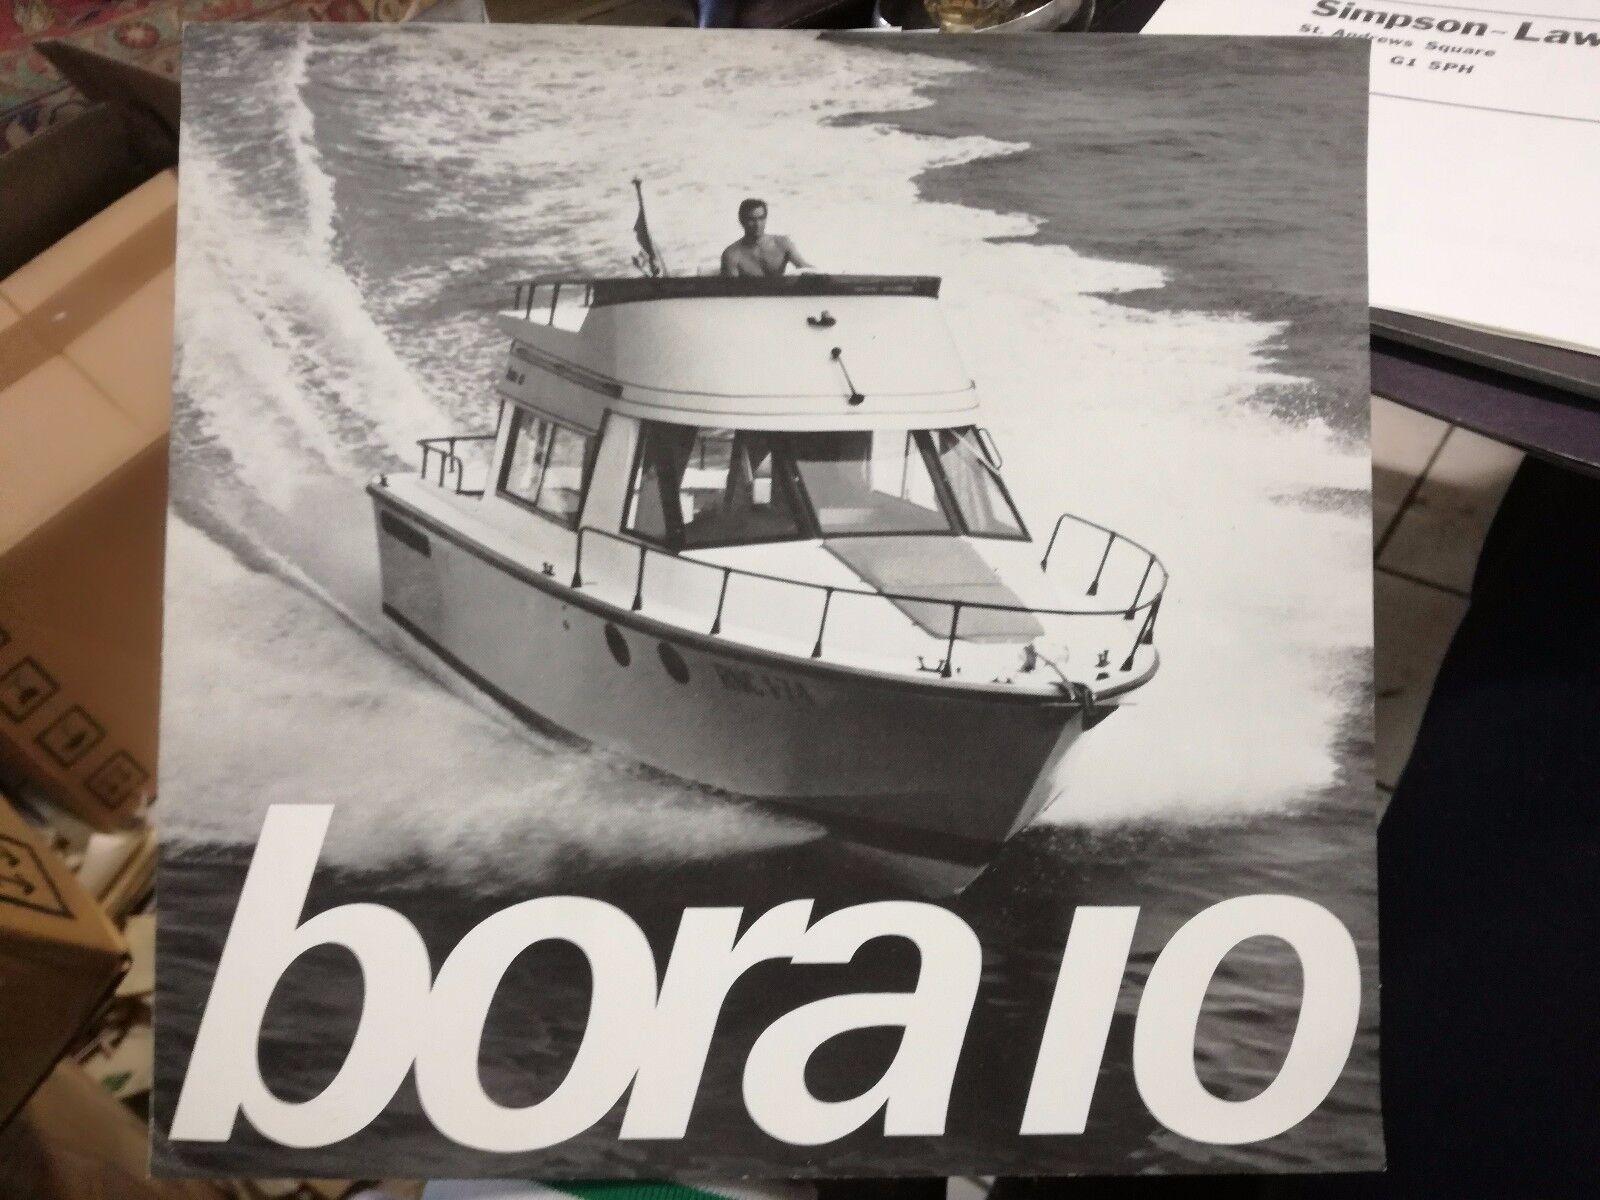 Bora 10 barco folleto de anuncio 1974 nautica nautica nautica astillero 32a614